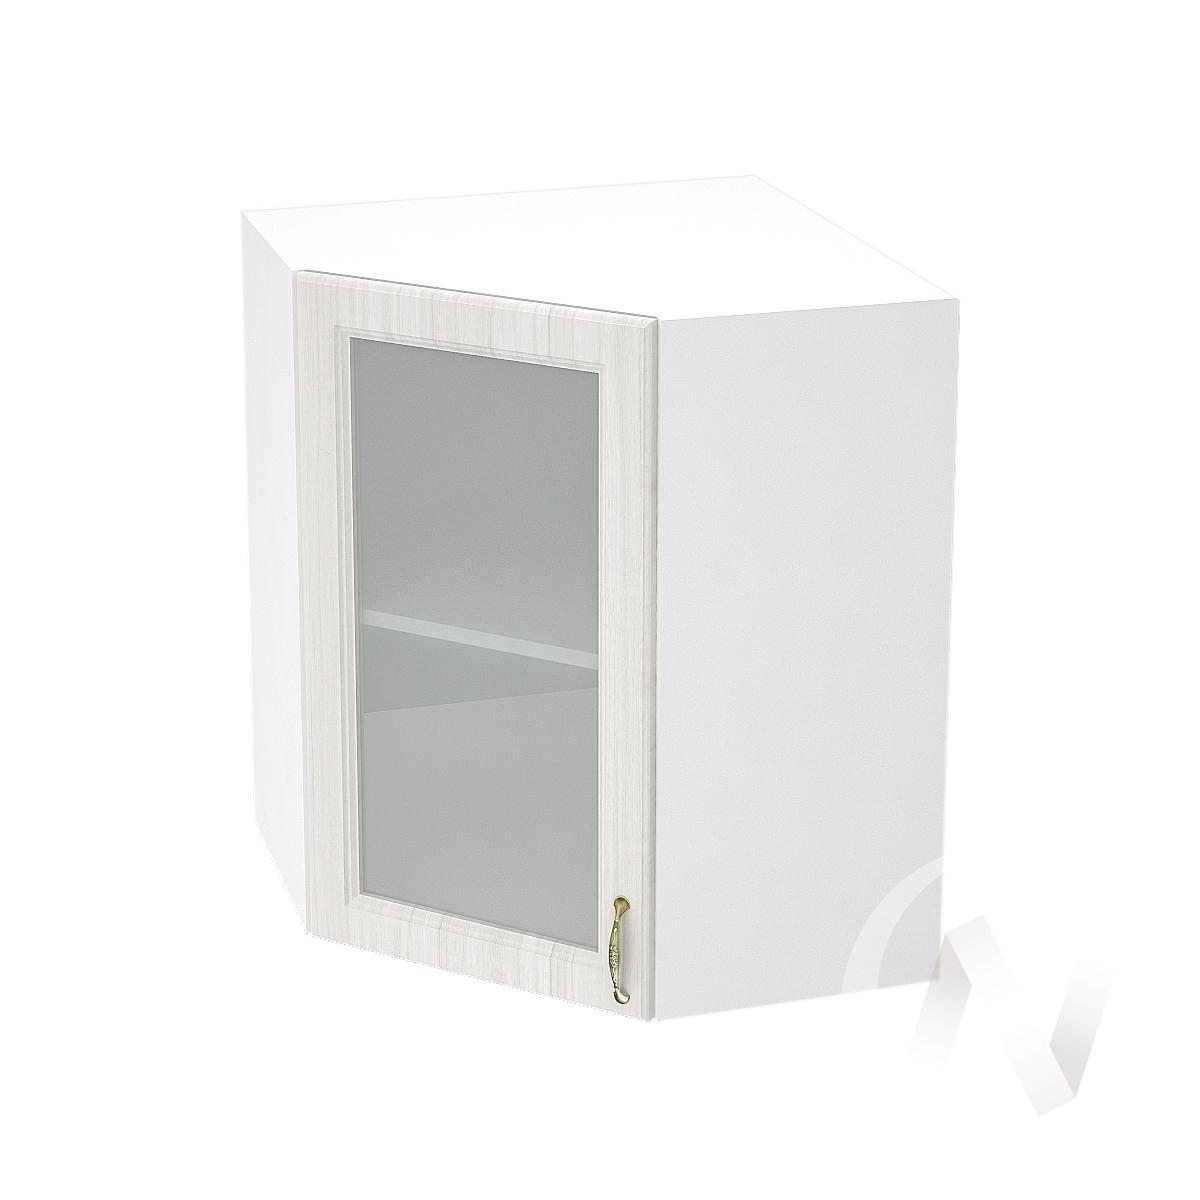 """Кухня """"Виктория"""": Шкаф верхний угловой со стеклом 590, ШВУС 590 (корпус белый) в Новосибирске в интернет-магазине мебели kuhnya54.ru"""